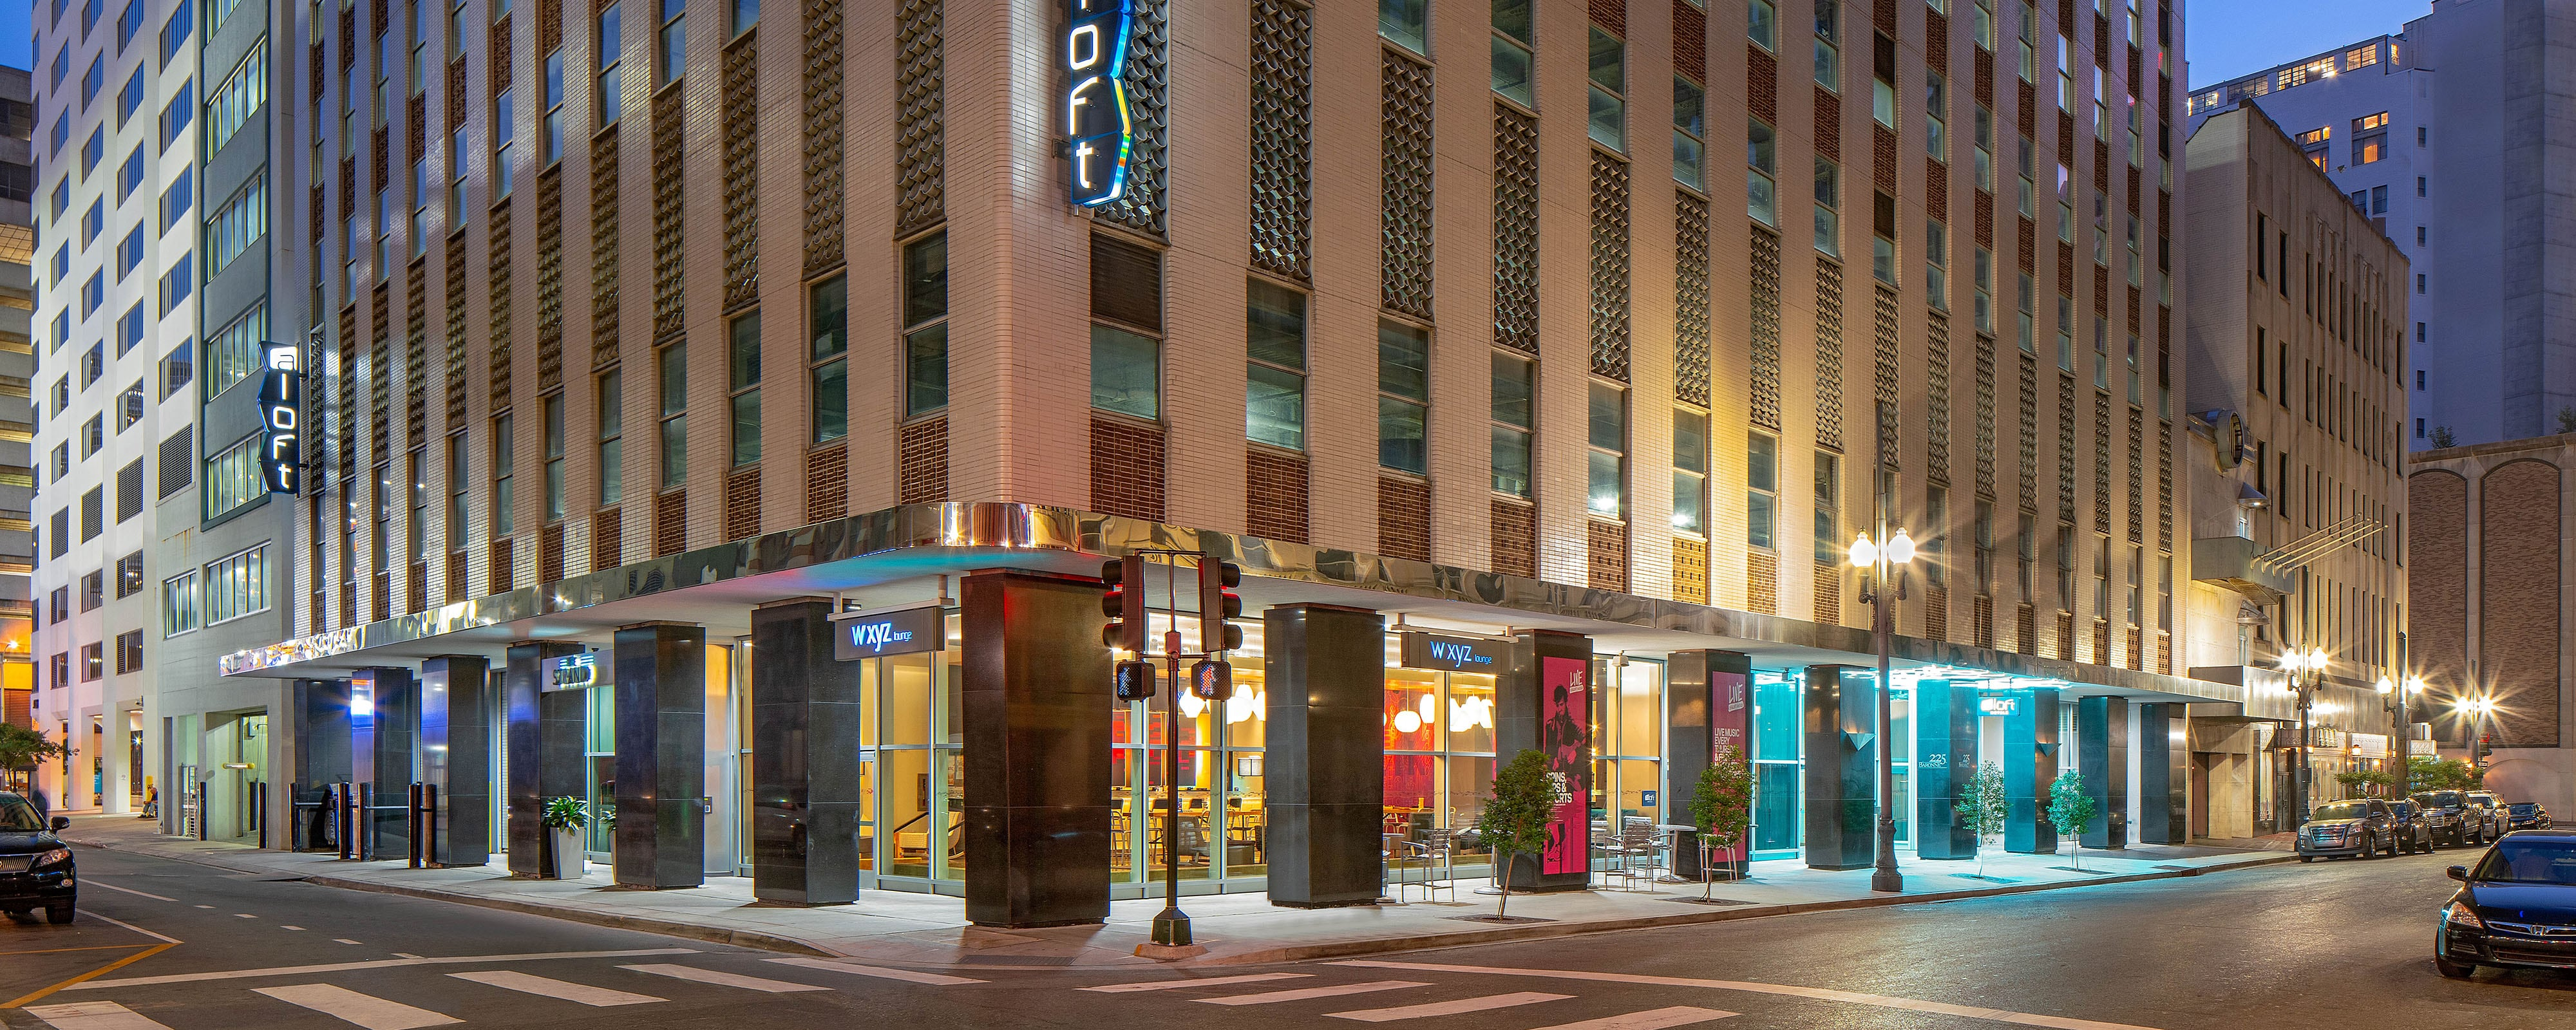 Hotels Near Bourbon Street Aloft New Orleans Downtown